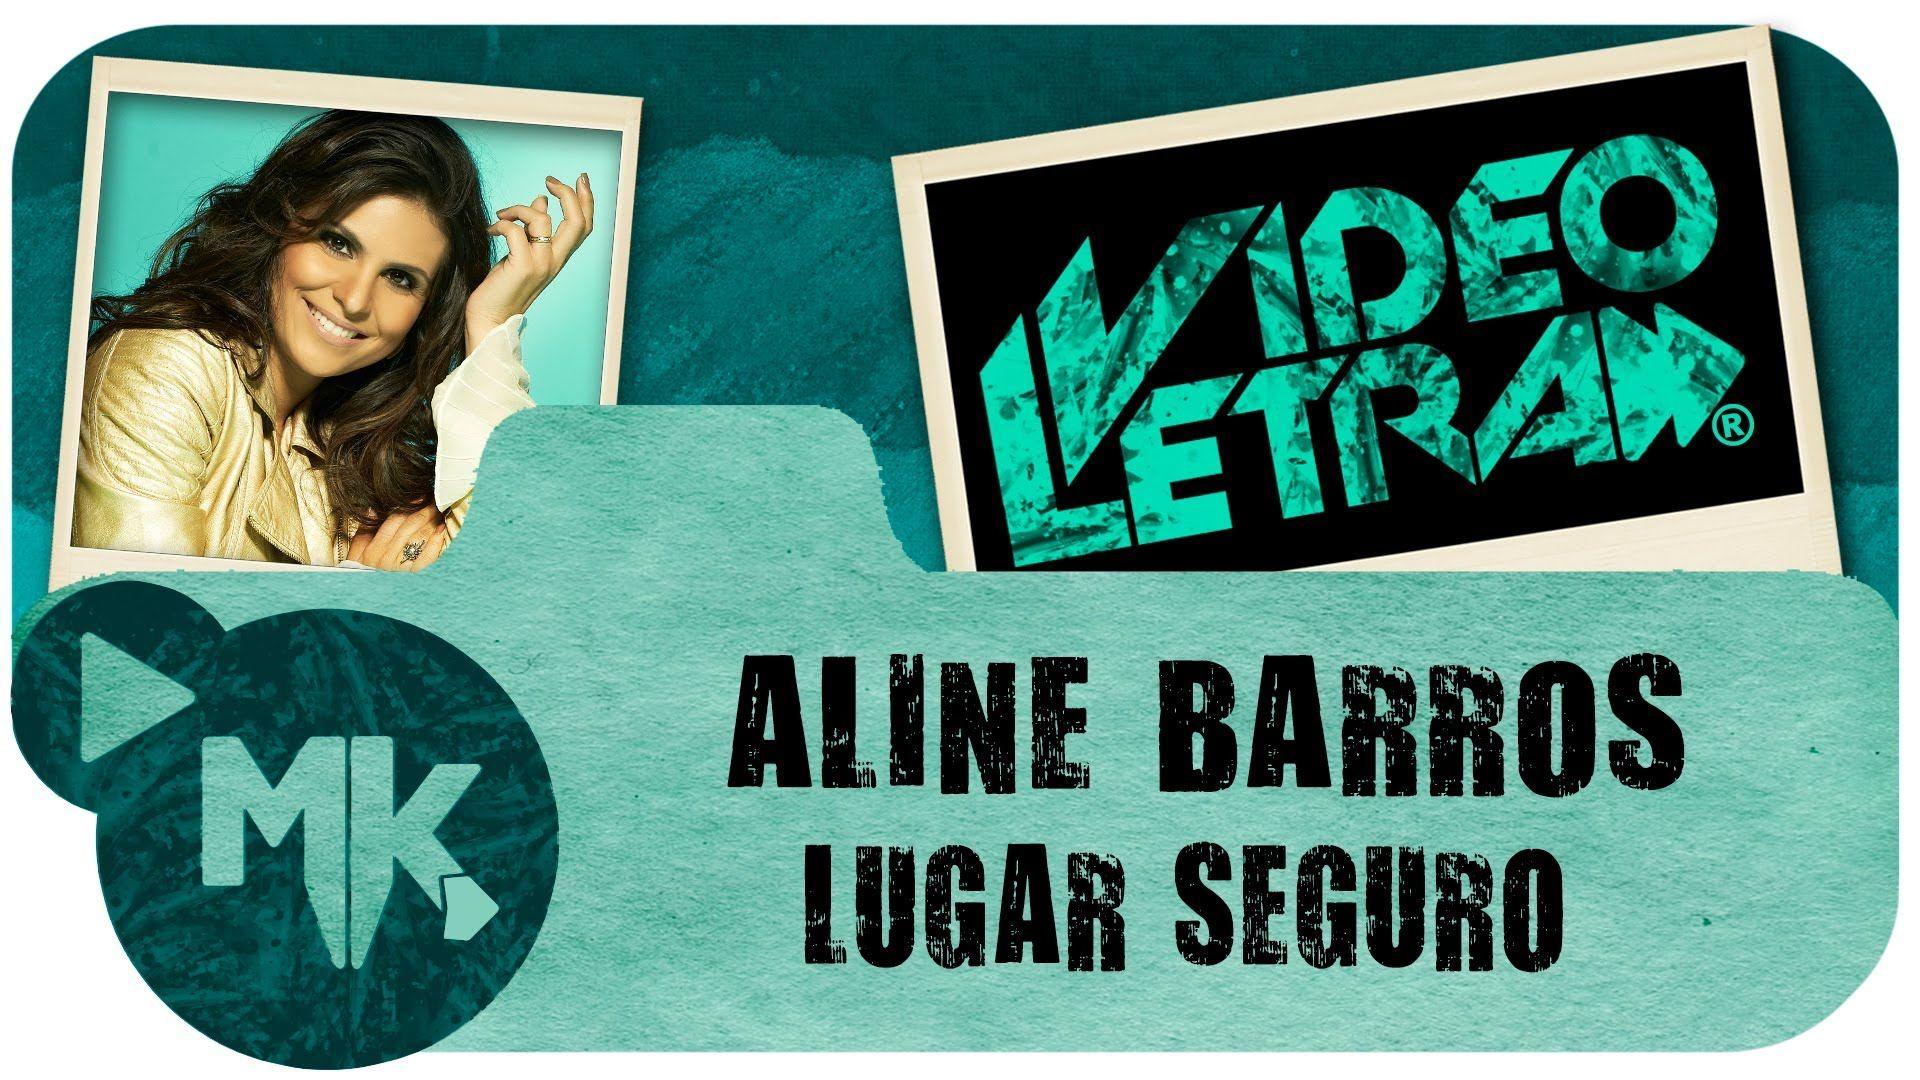 Aline Barros Lugar Seguro Video Da Letra Oficial Hd Mk Music